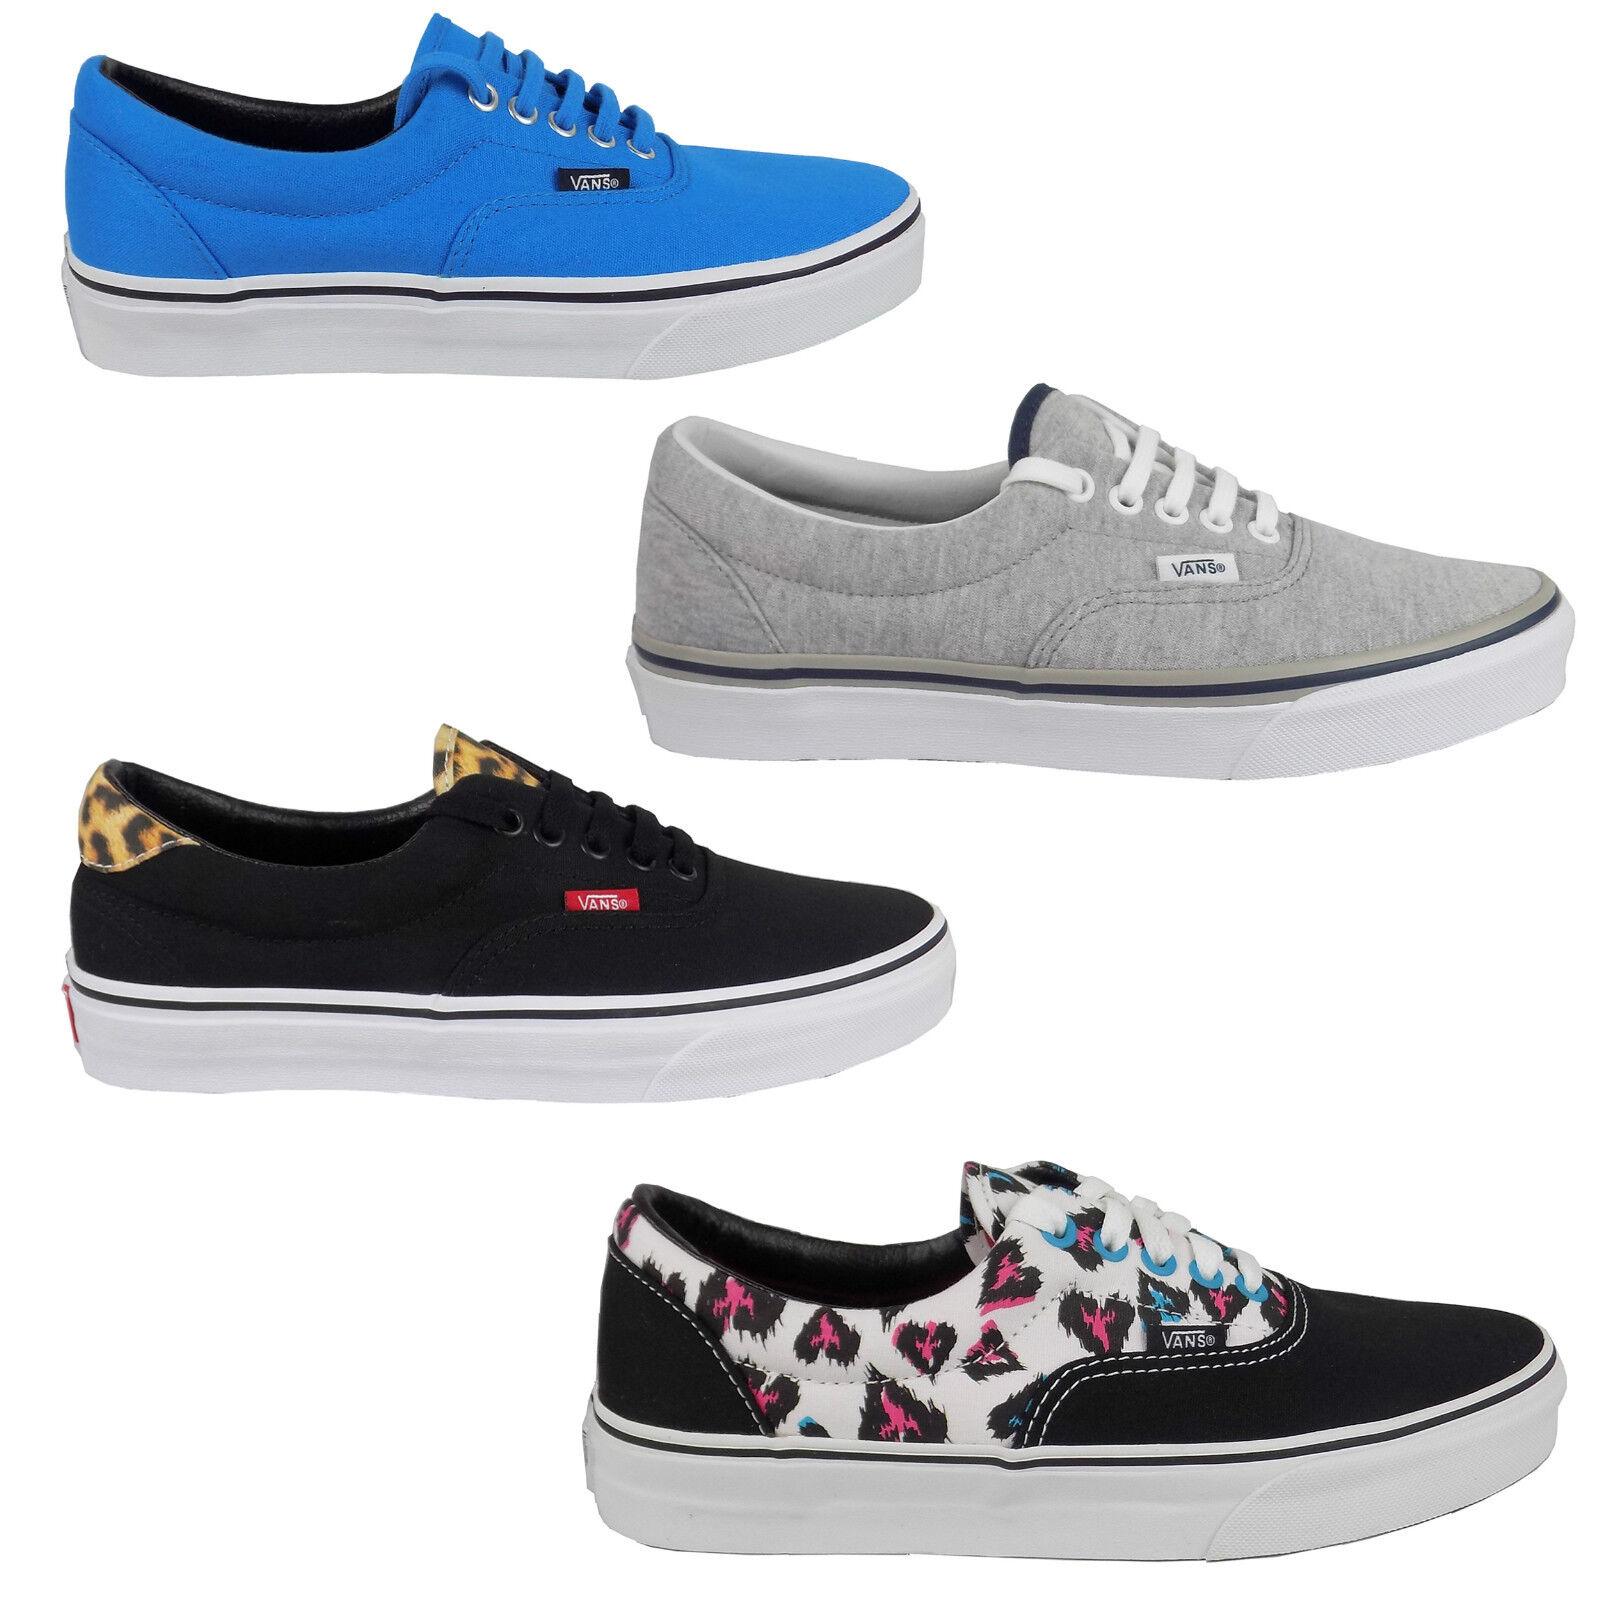 VANS zapatos zapatillas UNISEX IN IN IN TELA AZZURRO - gris - negro - FANTASIA ORIGINALI a56151